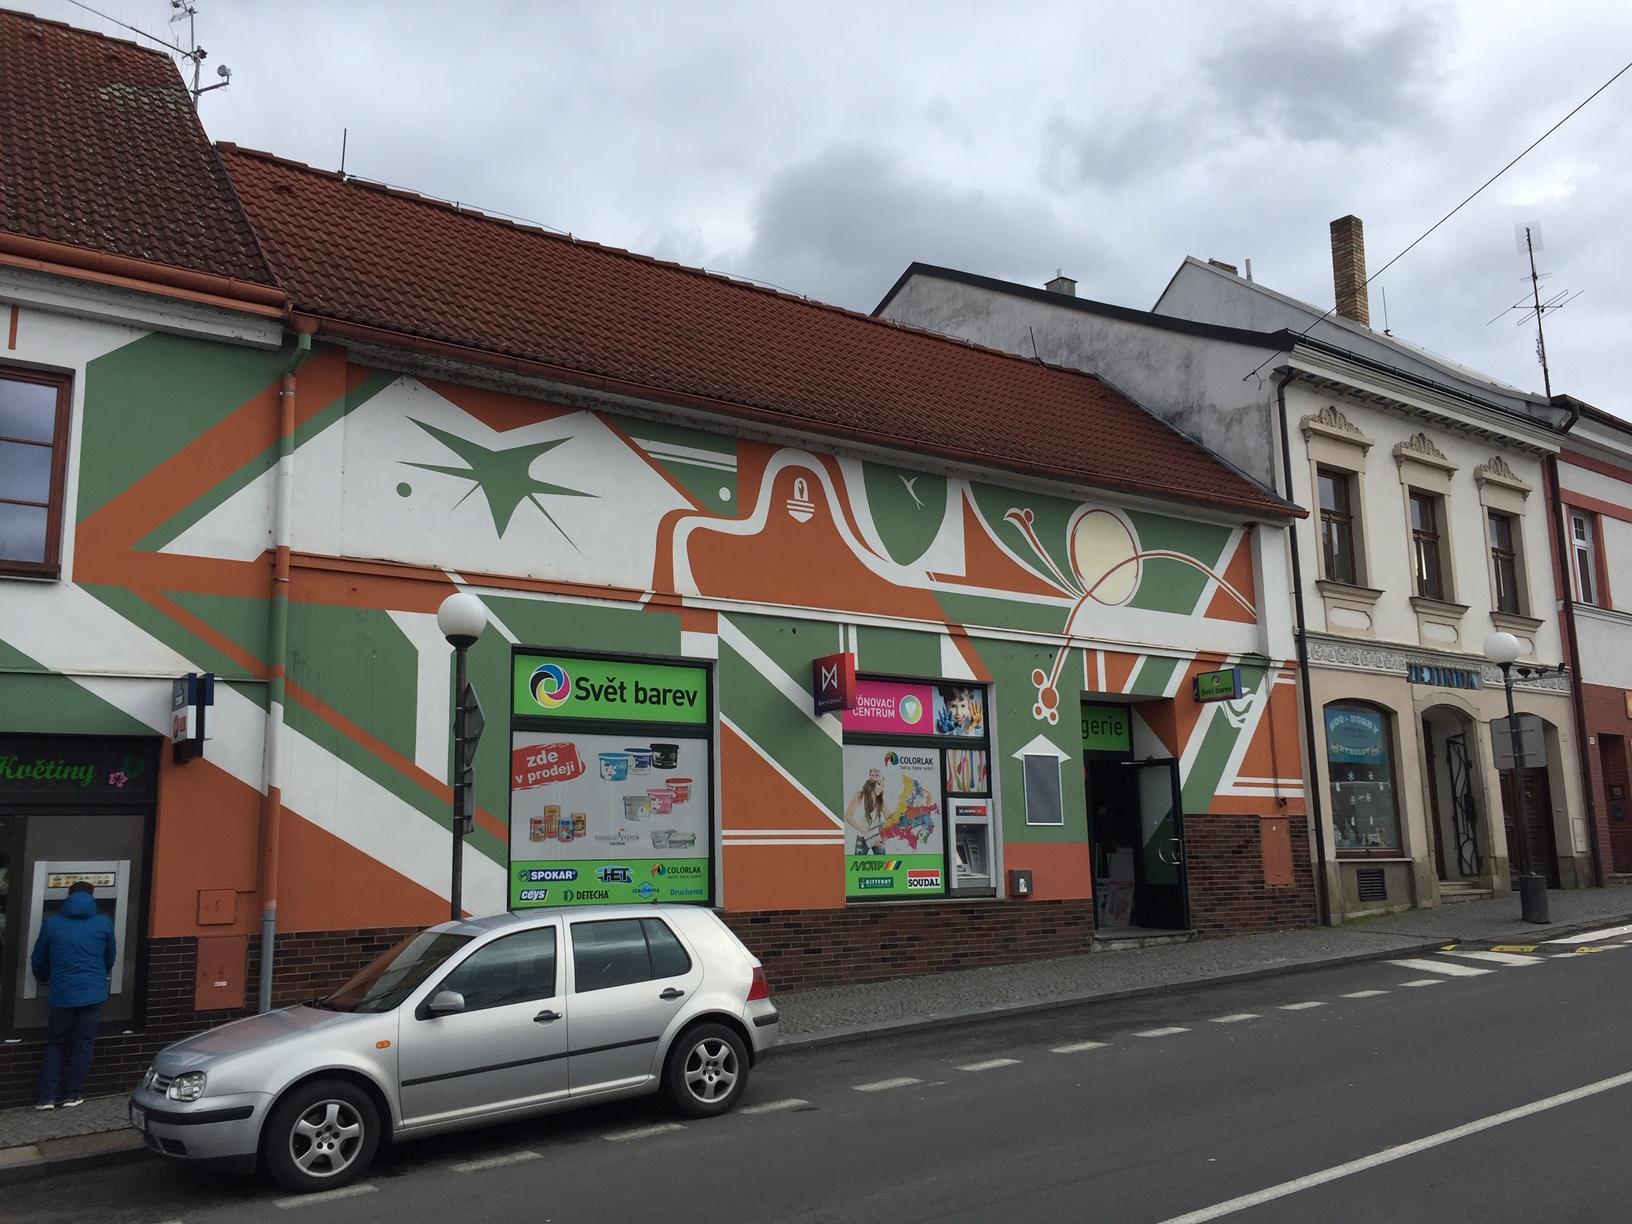 Pobočka Veselí nad Lužnicí, Nám. T. G. Masaryka 135 (COLORLAK maloobchod s.r.o. – SVĚT B